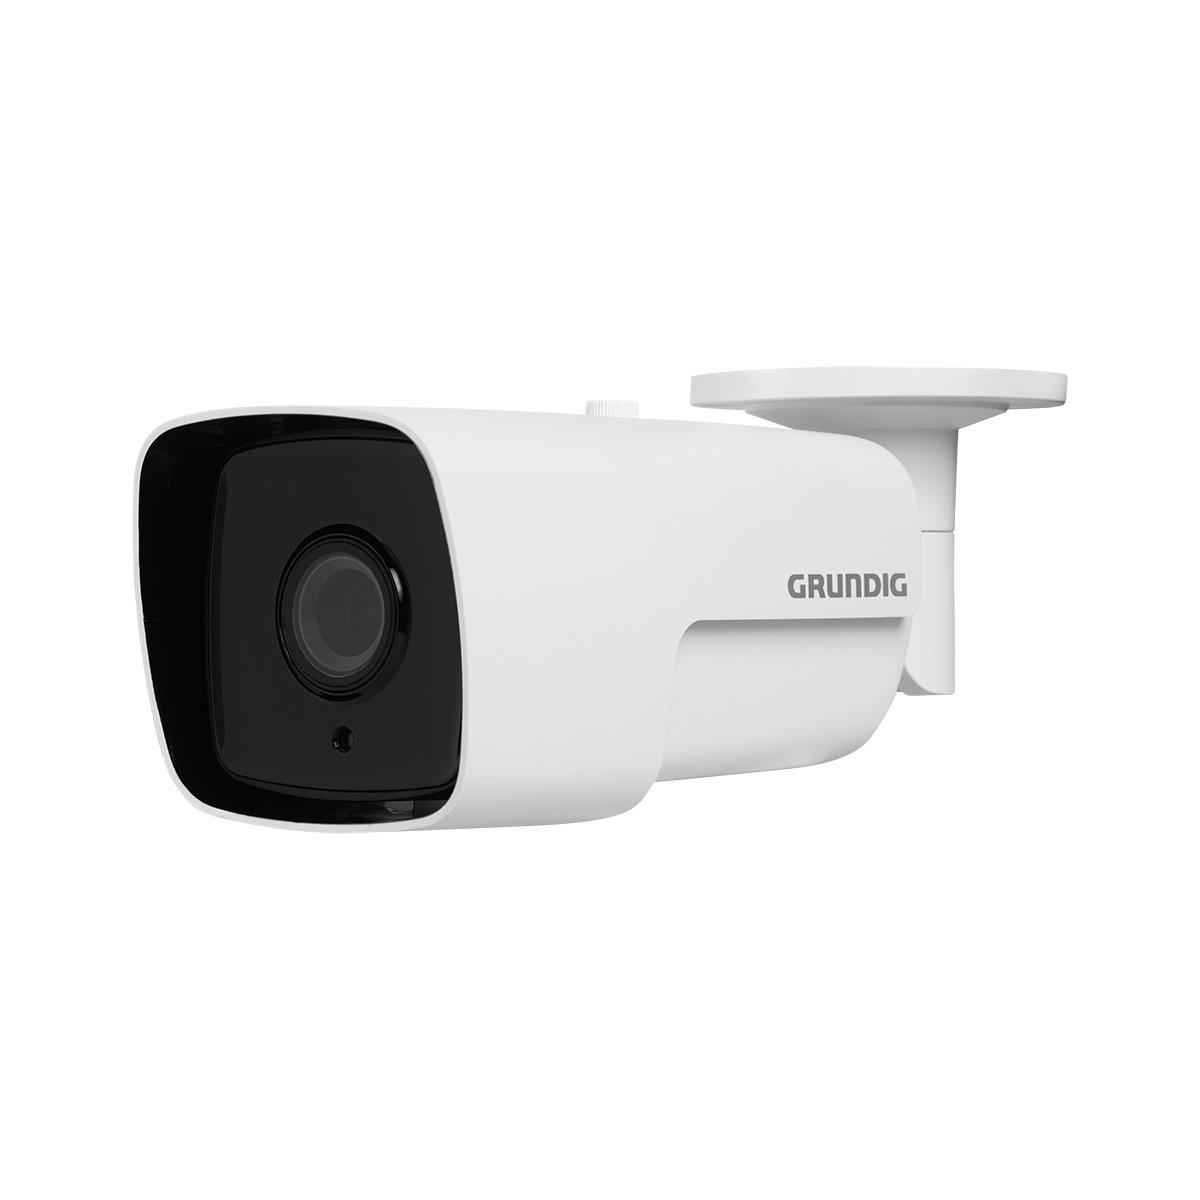 GCI de f4687t, 3 MP Cilindro Exterior Cámara con IR LED: Amazon.es: Electrónica